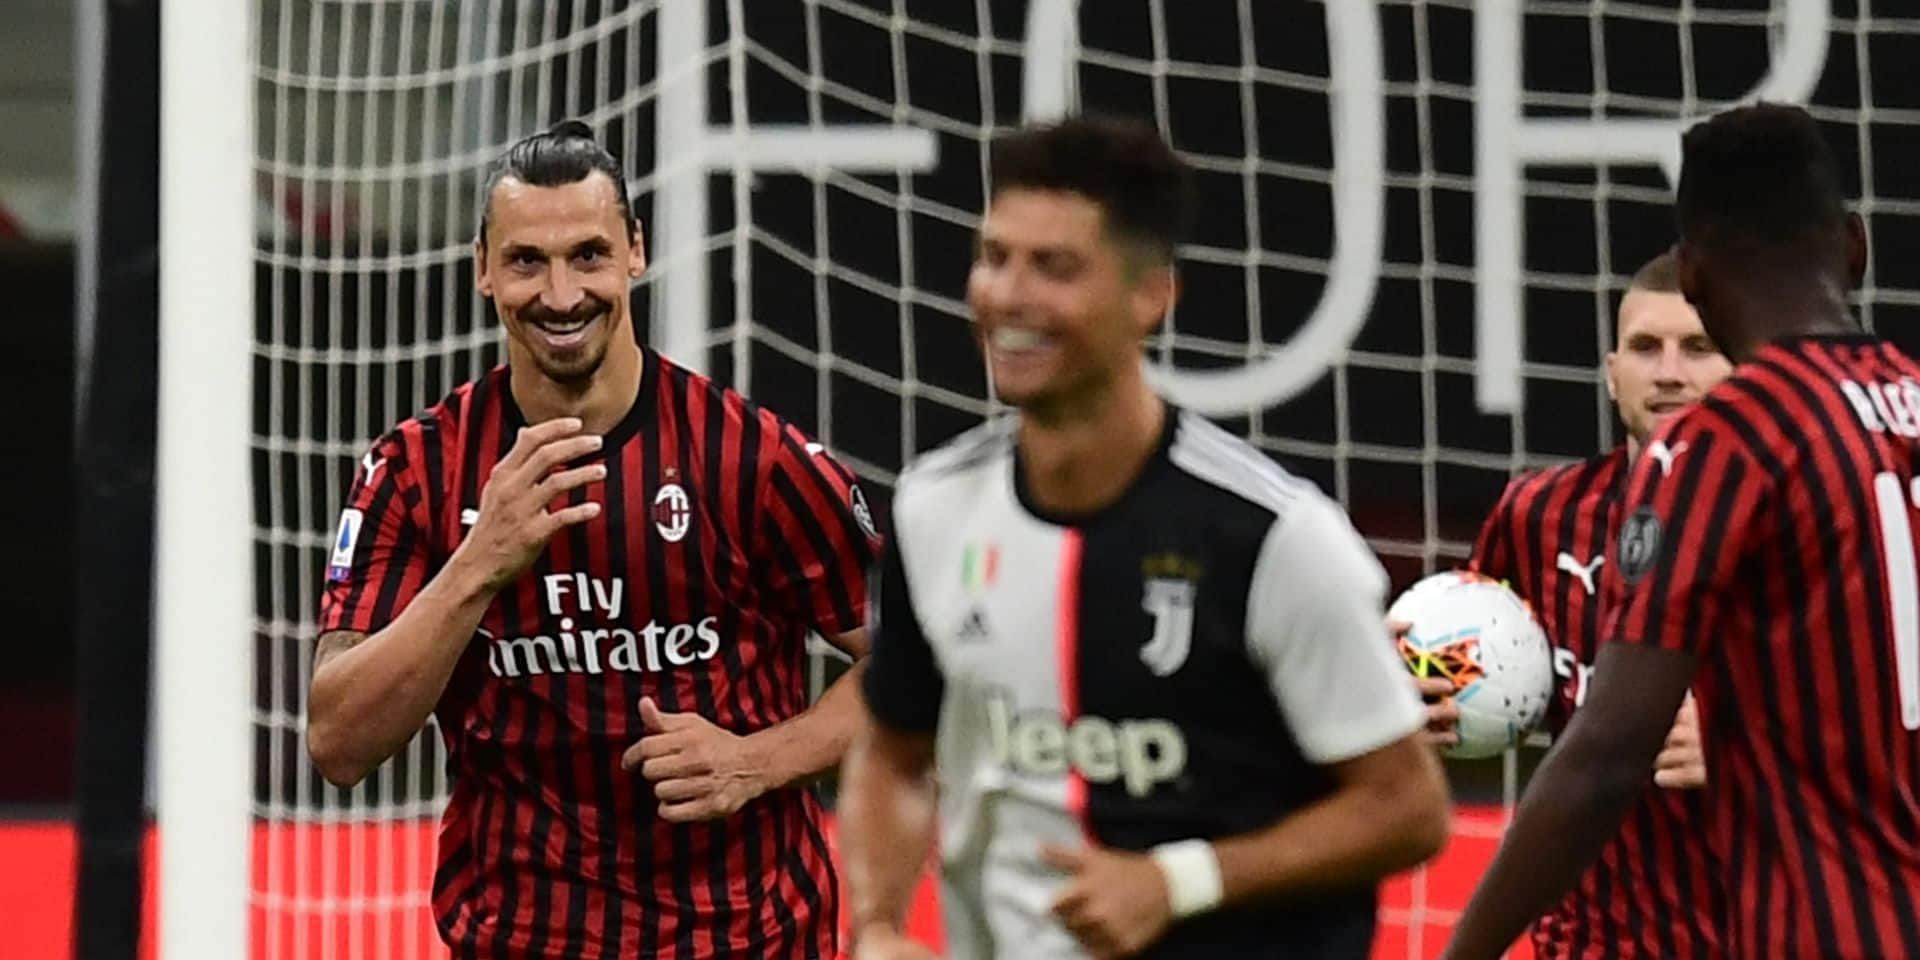 """L'Ibrahimoshow après la victoire du Milan sur la Juve: """"Si j'avais été là depuis le premier jour, nous aurions gagné le Scudetto"""""""